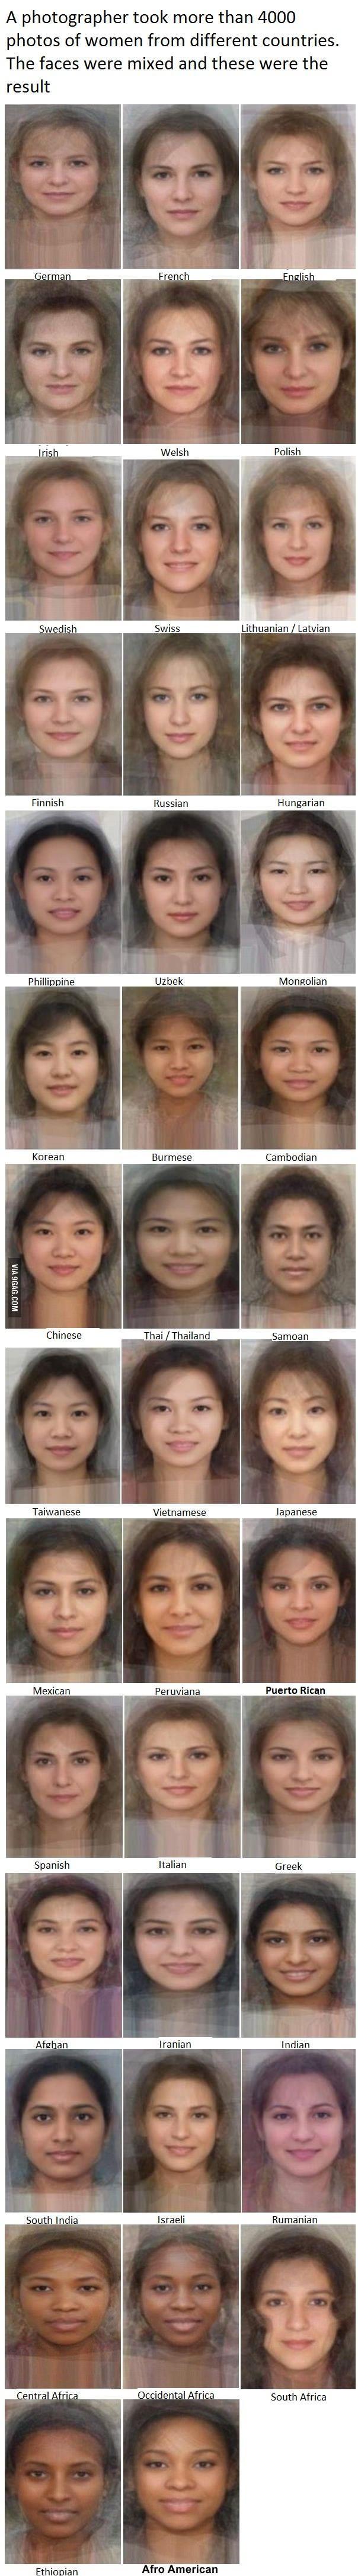 Média nacional de rostos femininos.>> E o Brasil? Seria bem interessante, considerando a diversidade